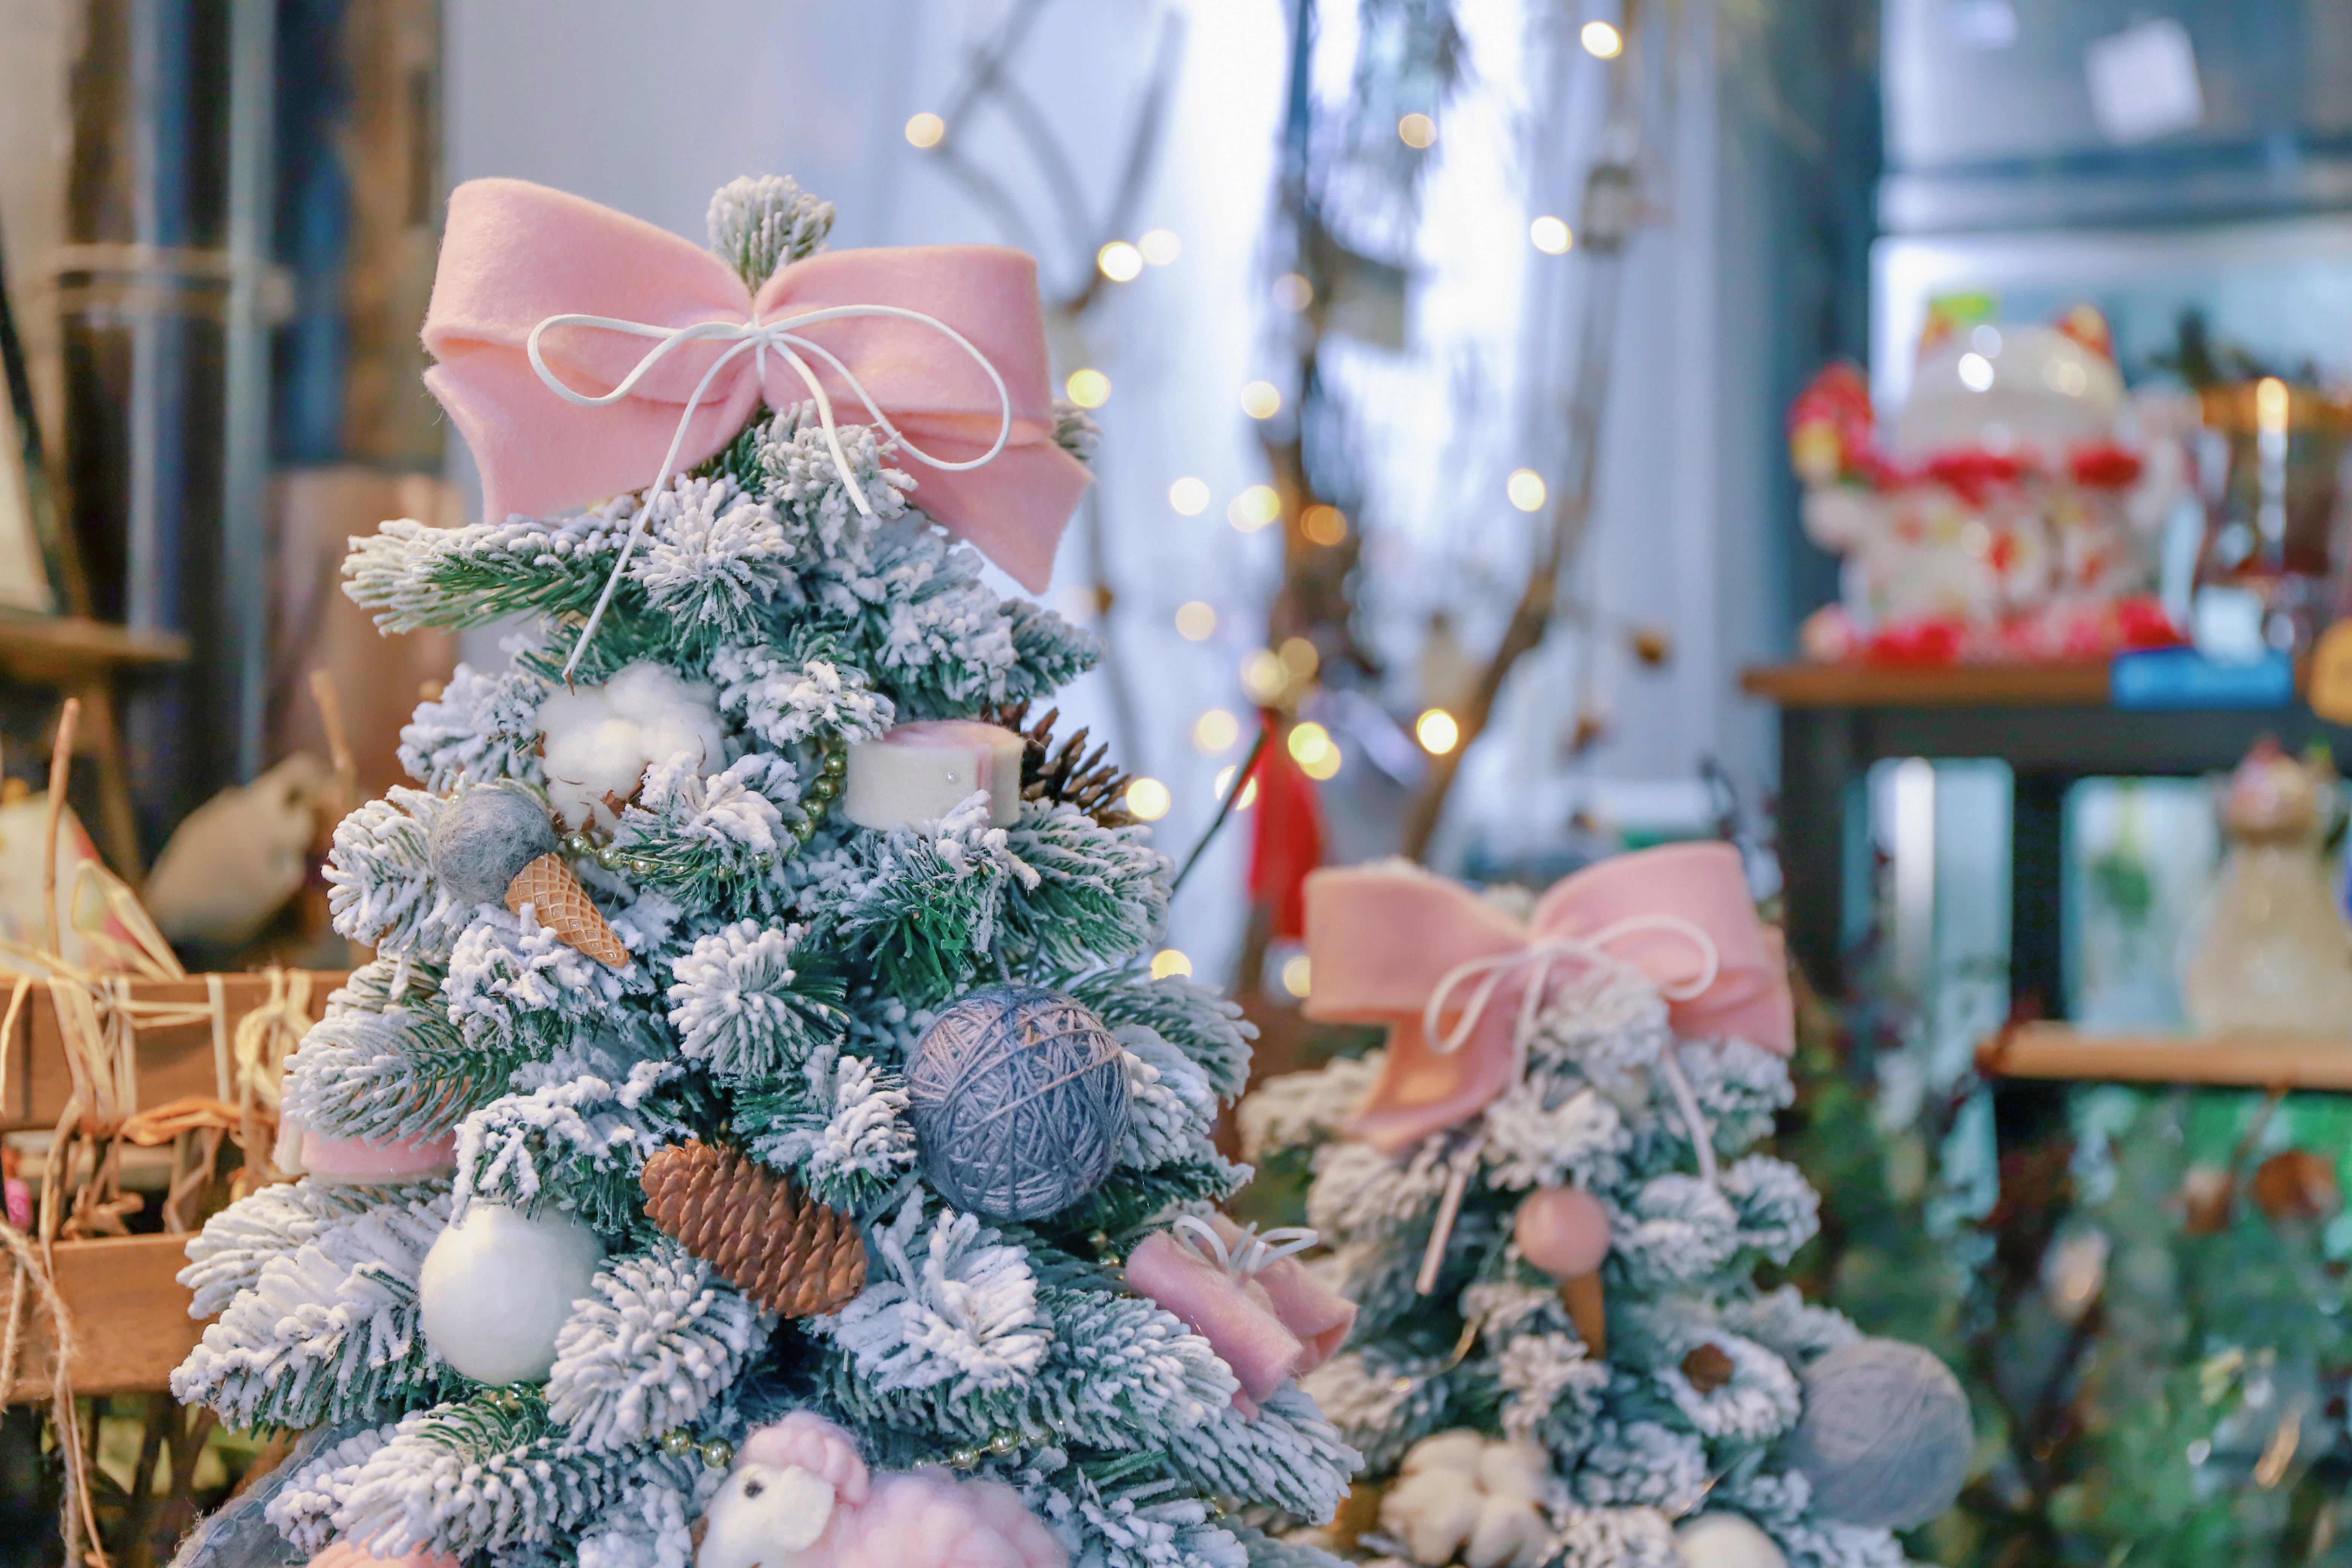 156745 Hintergrundbild herunterladen Feiertage, Neujahr, Dekoration, Weihnachten, Neues Jahr, Weihnachtsbaum - Bildschirmschoner und Bilder kostenlos